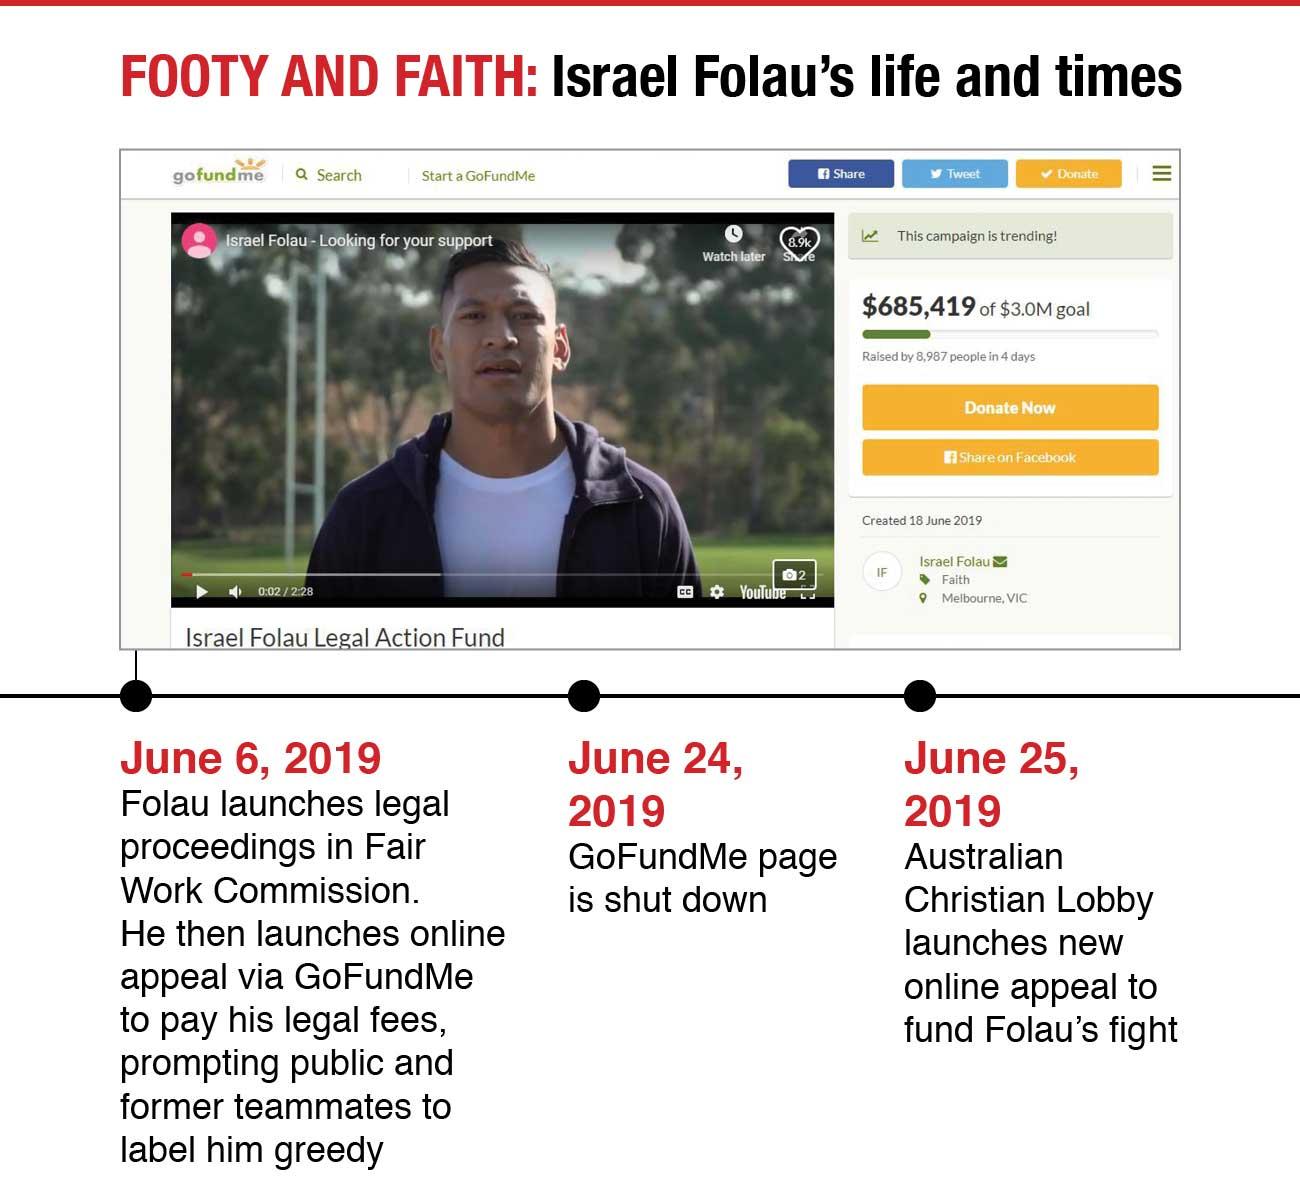 NED-0857-Israel-Folau-timeline - 0